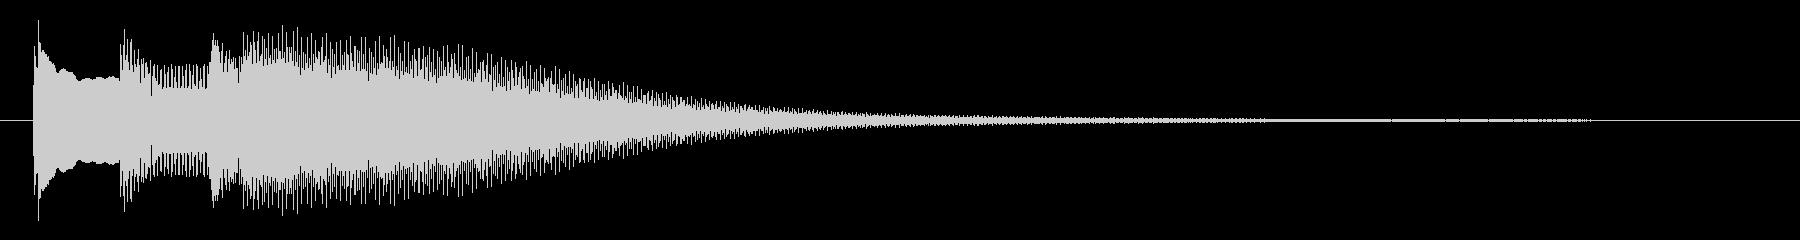 キラリ〜ン(キラキラとした高い音)の未再生の波形